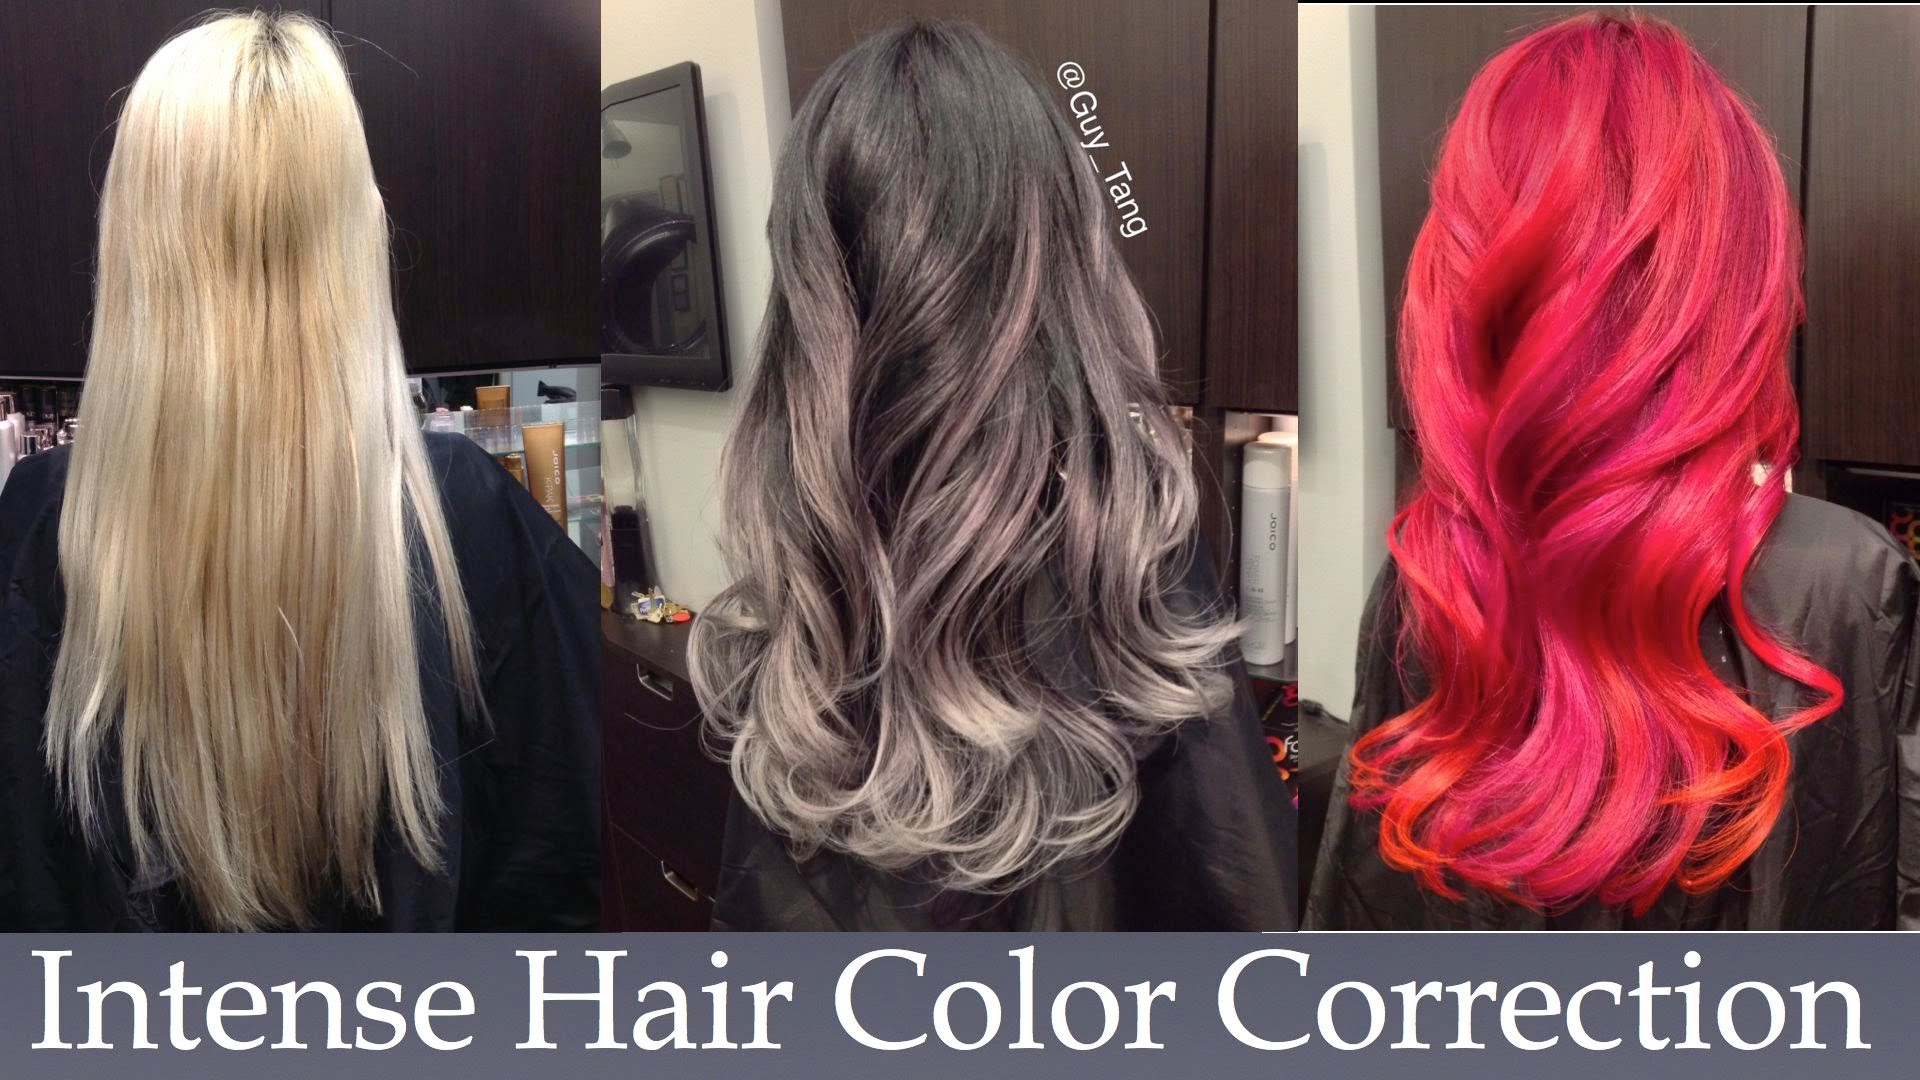 Intense Hair Color Correction